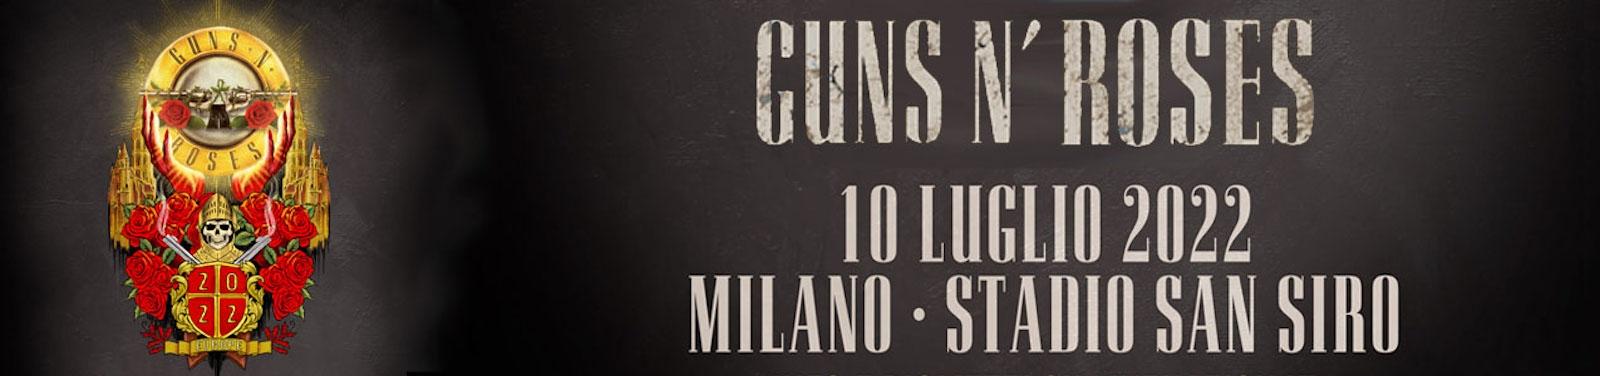 GUN'S & ROSES